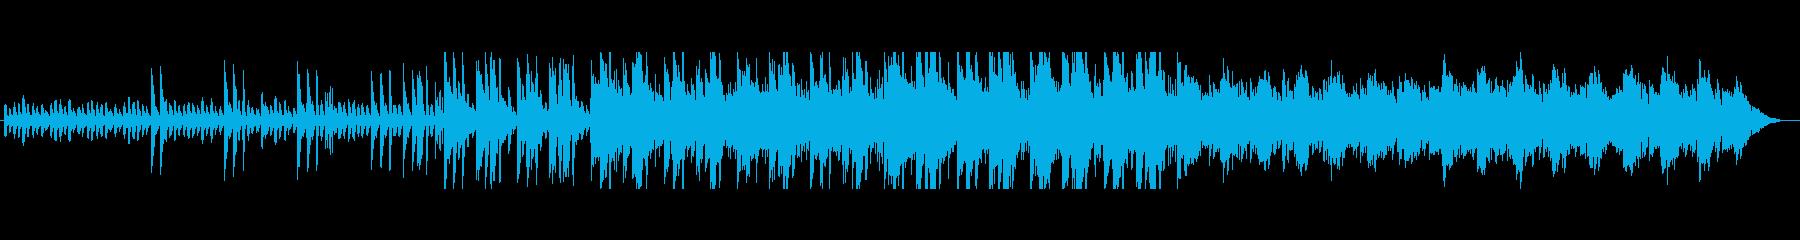 不安げなエレクトロの再生済みの波形